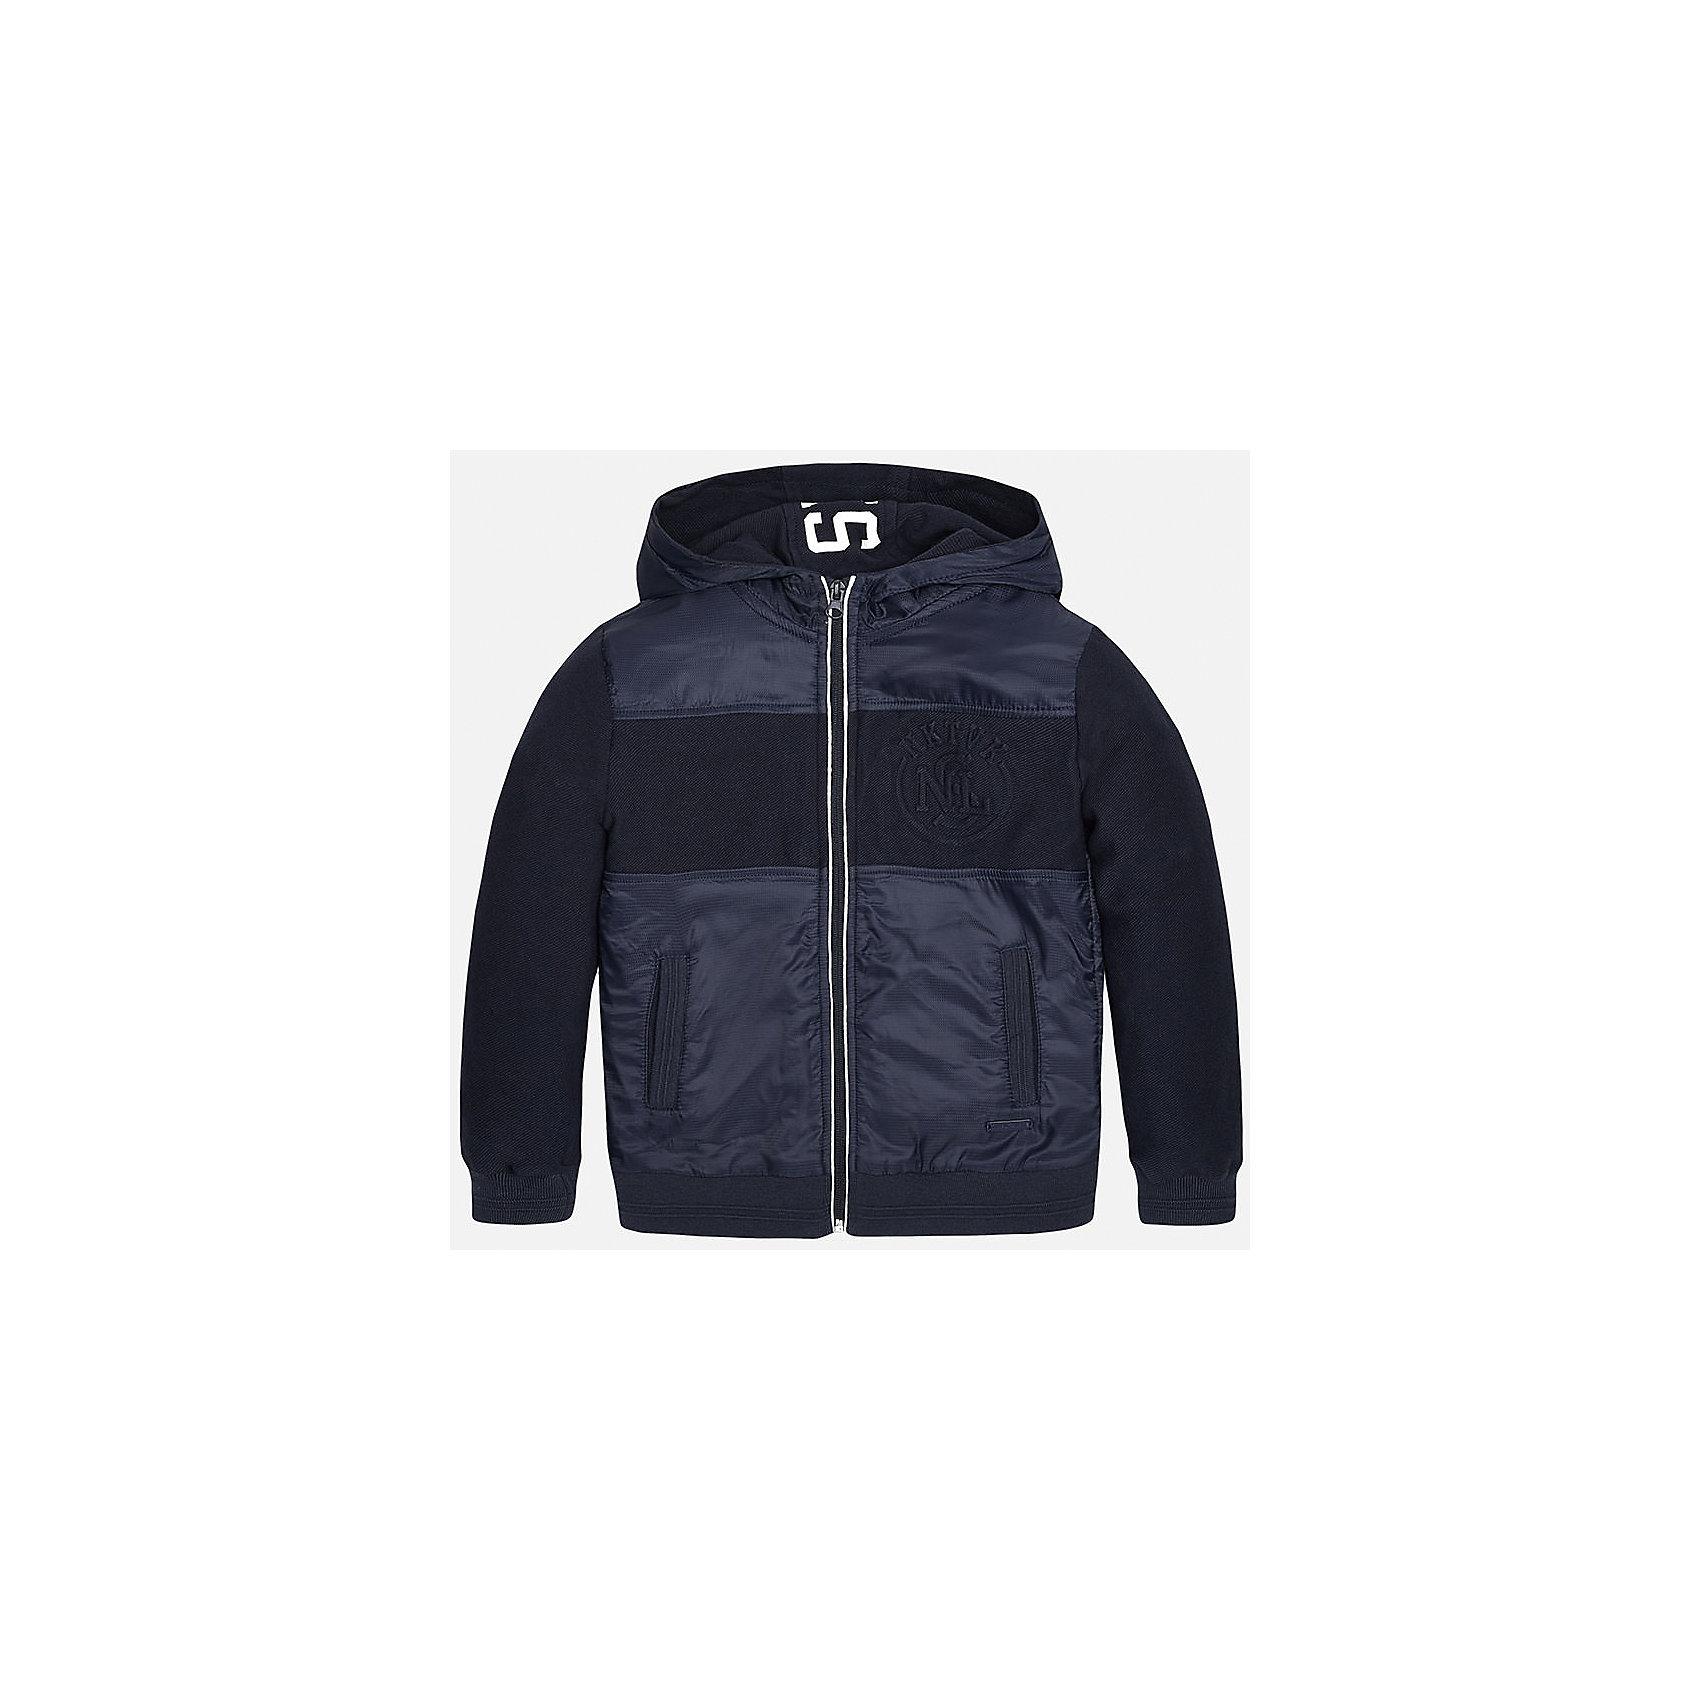 Куртка для мальчика MayoralВерхняя одежда<br>Характеристики товара:<br><br>• цвет: синий<br>• состав: 65% полиамид, 20% хлопок, 15% полиэстер, подкладка - 100% полиэстер<br>• температурный режим: от +15°до +10°С<br>• капюшон<br>• карманы<br>• застежка: молния<br>• вышивка<br>• страна бренда: Испания<br><br>Модная куртка для мальчика может стать базовой вещью в гардеробе ребенка. Она отлично сочетается с майками, футболками, рубашками и т.д. Универсальный крой и цвет позволяет подобрать к вещи низ разных расцветок. Практичное и стильное изделие! В составе материала - натуральный хлопок, гипоаллергенный, приятный на ощупь, дышащий.<br><br>Одежда, обувь и аксессуары от испанского бренда Mayoral полюбились детям и взрослым по всему миру. Модели этой марки - стильные и удобные. Для их производства используются только безопасные, качественные материалы и фурнитура. Порадуйте ребенка модными и красивыми вещами от Mayoral! <br><br>Куртку для мальчика от испанского бренда Mayoral (Майорал) можно купить в нашем интернет-магазине.<br><br>Ширина мм: 356<br>Глубина мм: 10<br>Высота мм: 245<br>Вес г: 519<br>Цвет: синий<br>Возраст от месяцев: 120<br>Возраст до месяцев: 132<br>Пол: Мужской<br>Возраст: Детский<br>Размер: 152,128/134,170,164,158,140<br>SKU: 5281961